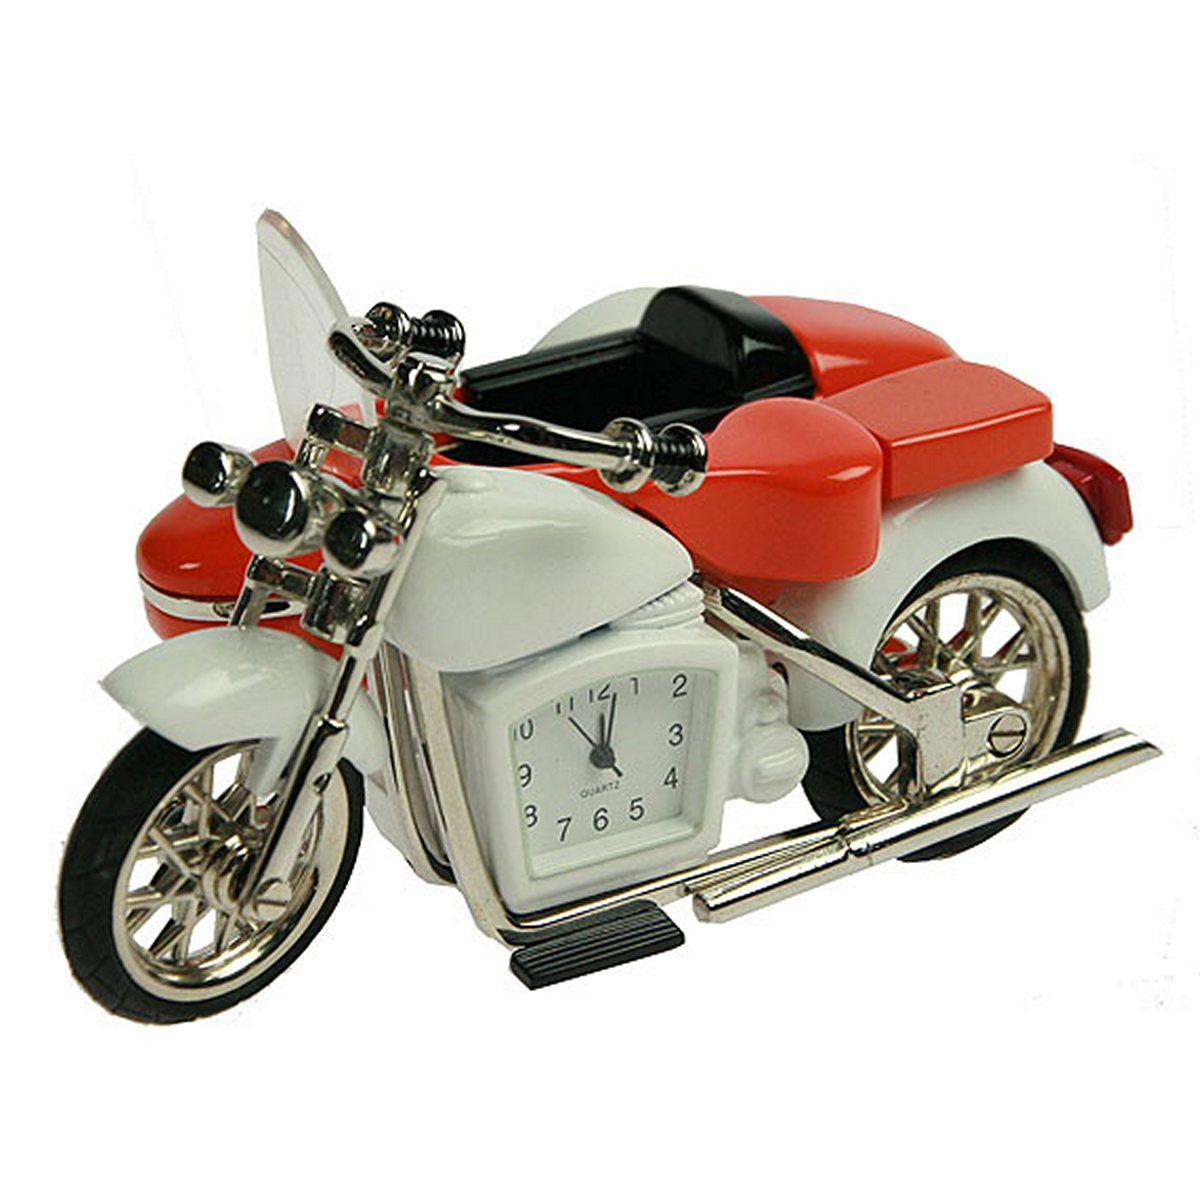 Часы настольные Русские Подарки Мотоцикл, 7 х 10 х 5 см. 2242536422Настольные кварцевые часы Русские Подарки Мотоцикл изготовлены из металла. Корпус оригинально оформлен в виде мотоцикла. Часы имеют три стрелки - часовую, минутную и секундную.Такие часы украсят интерьер дома или рабочий стол в офисе. Также часы могут стать уникальным, полезным подарком для родственников, коллег, знакомых и близких.Часы работают от батареек типа SR626 (в комплект не входят).